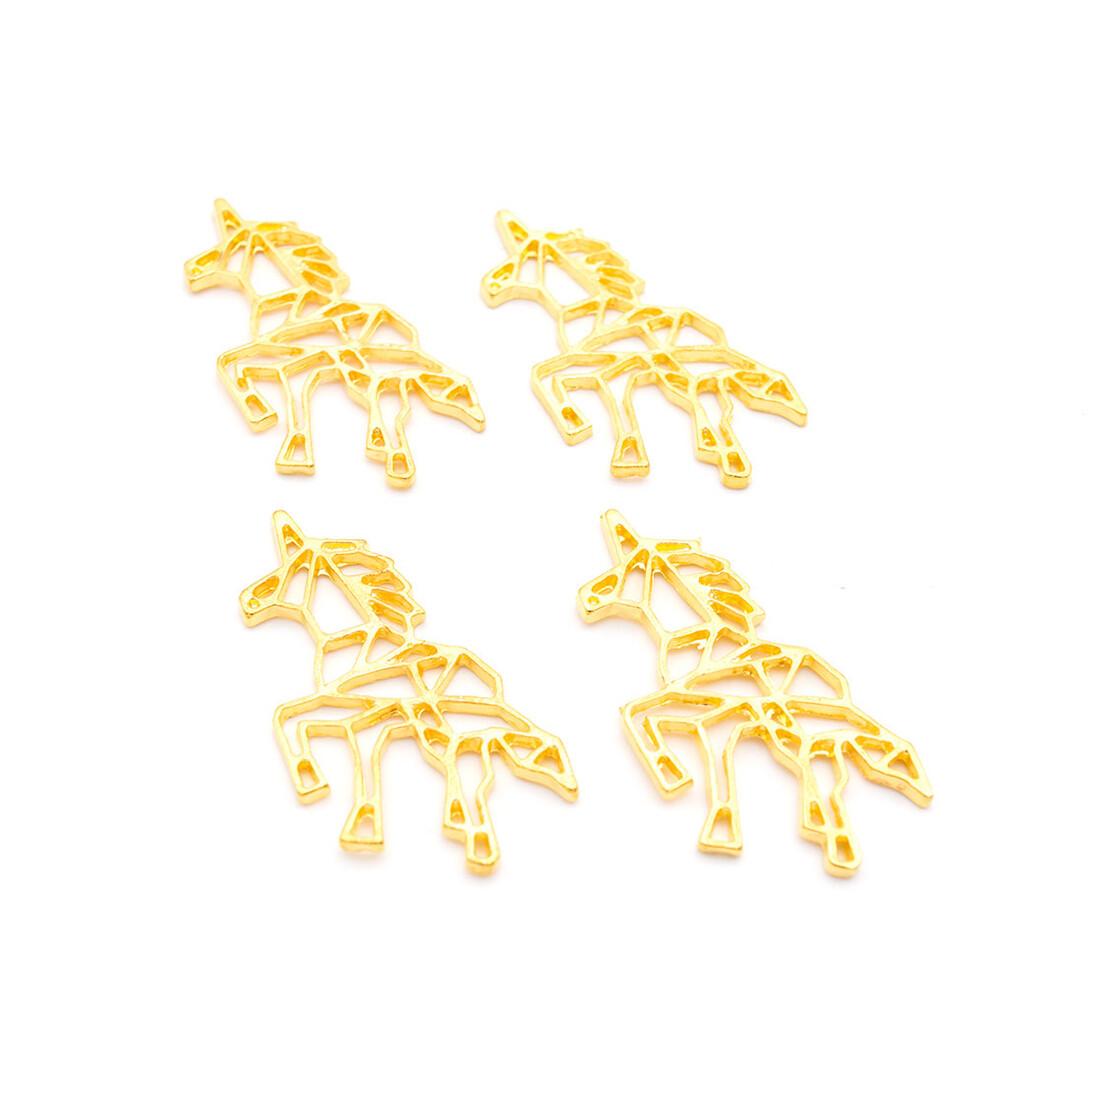 Anhänger Einhorn im Origami Stil in goldfarben 4 Stück von Vintageparts